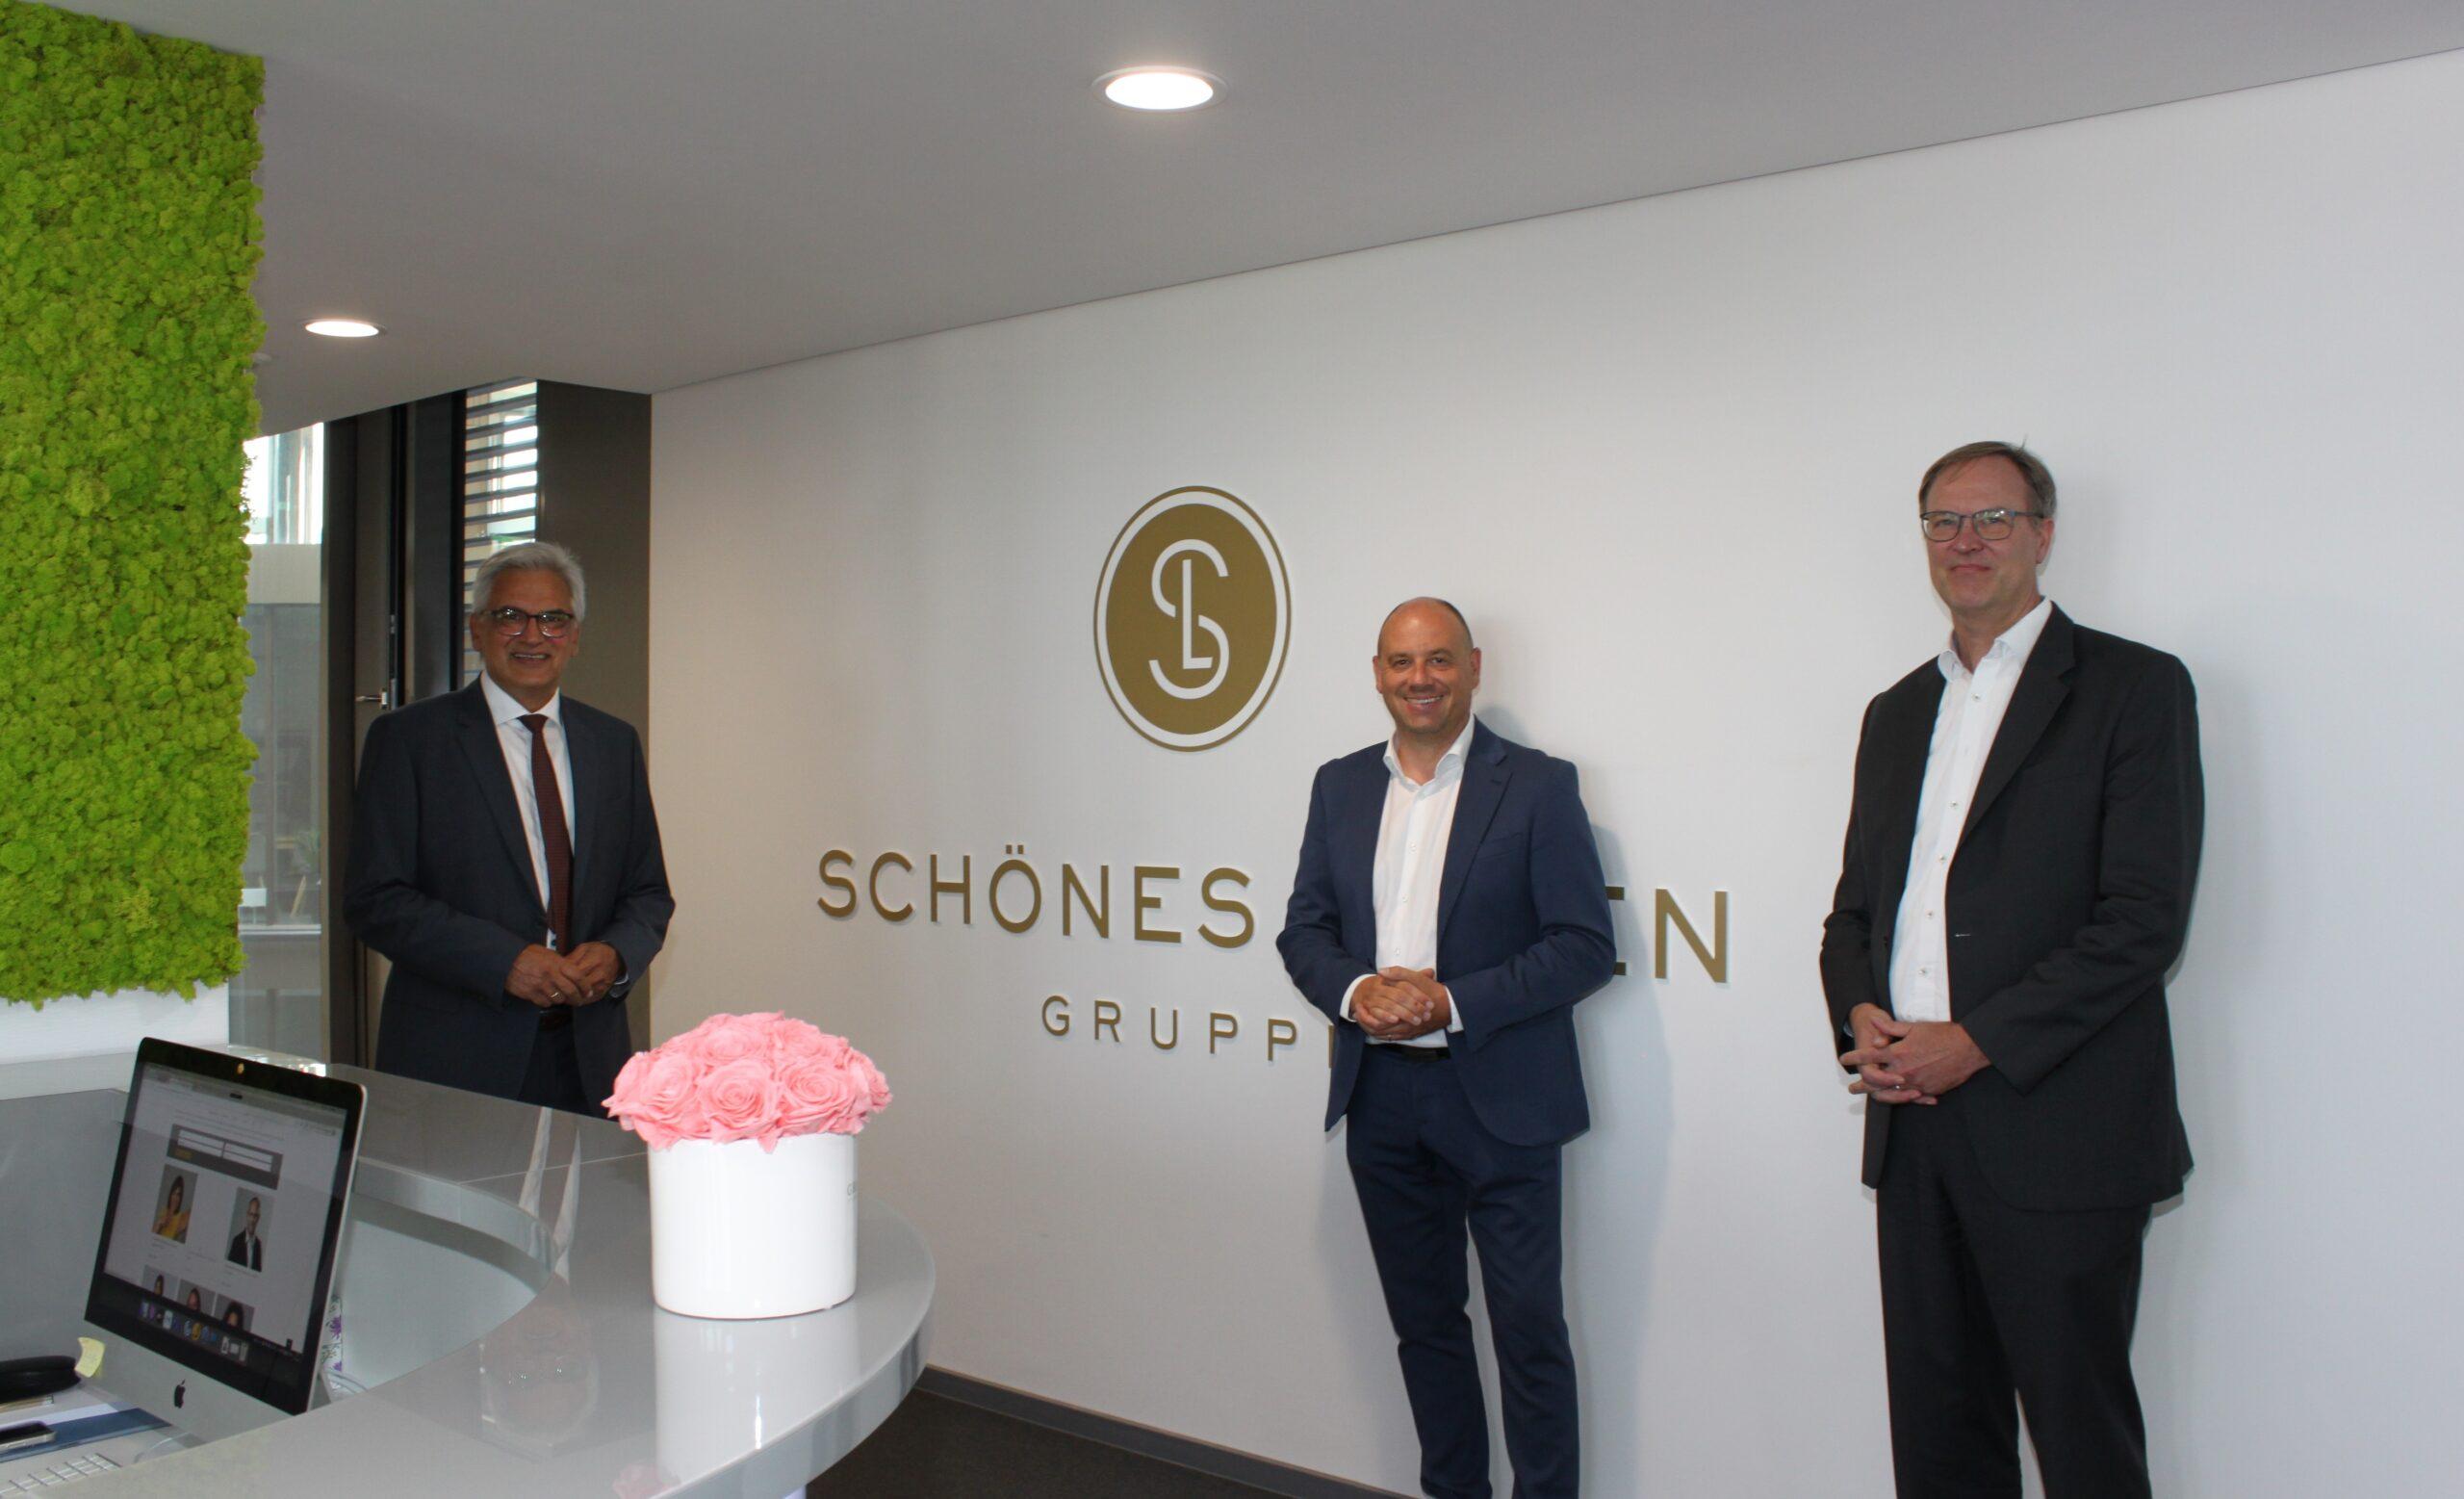 SCHÖNES LEBEN Gruppe beeindruckt mit modernsten Pflege- und Wohnangeboten und ambitioniertem Wachstum